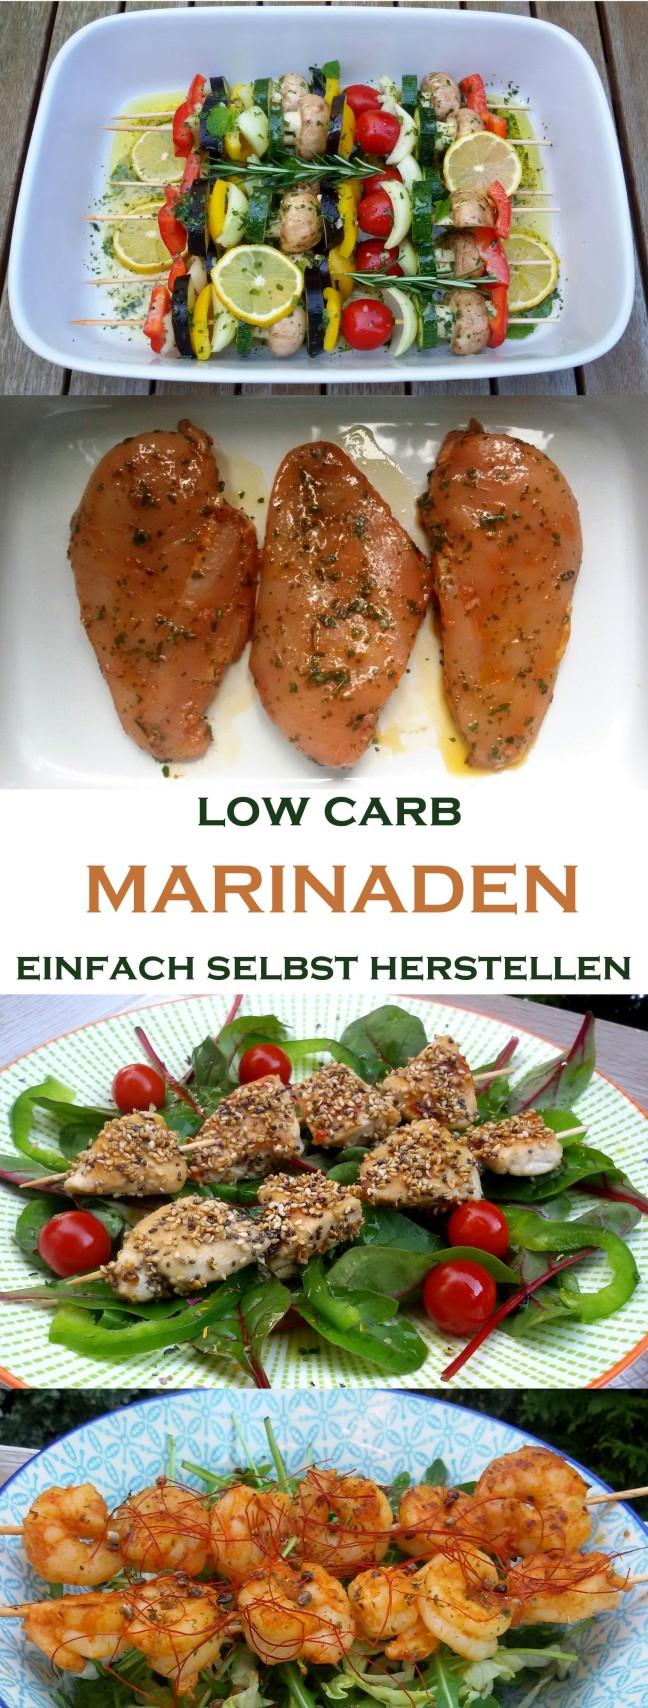 Marinaden3